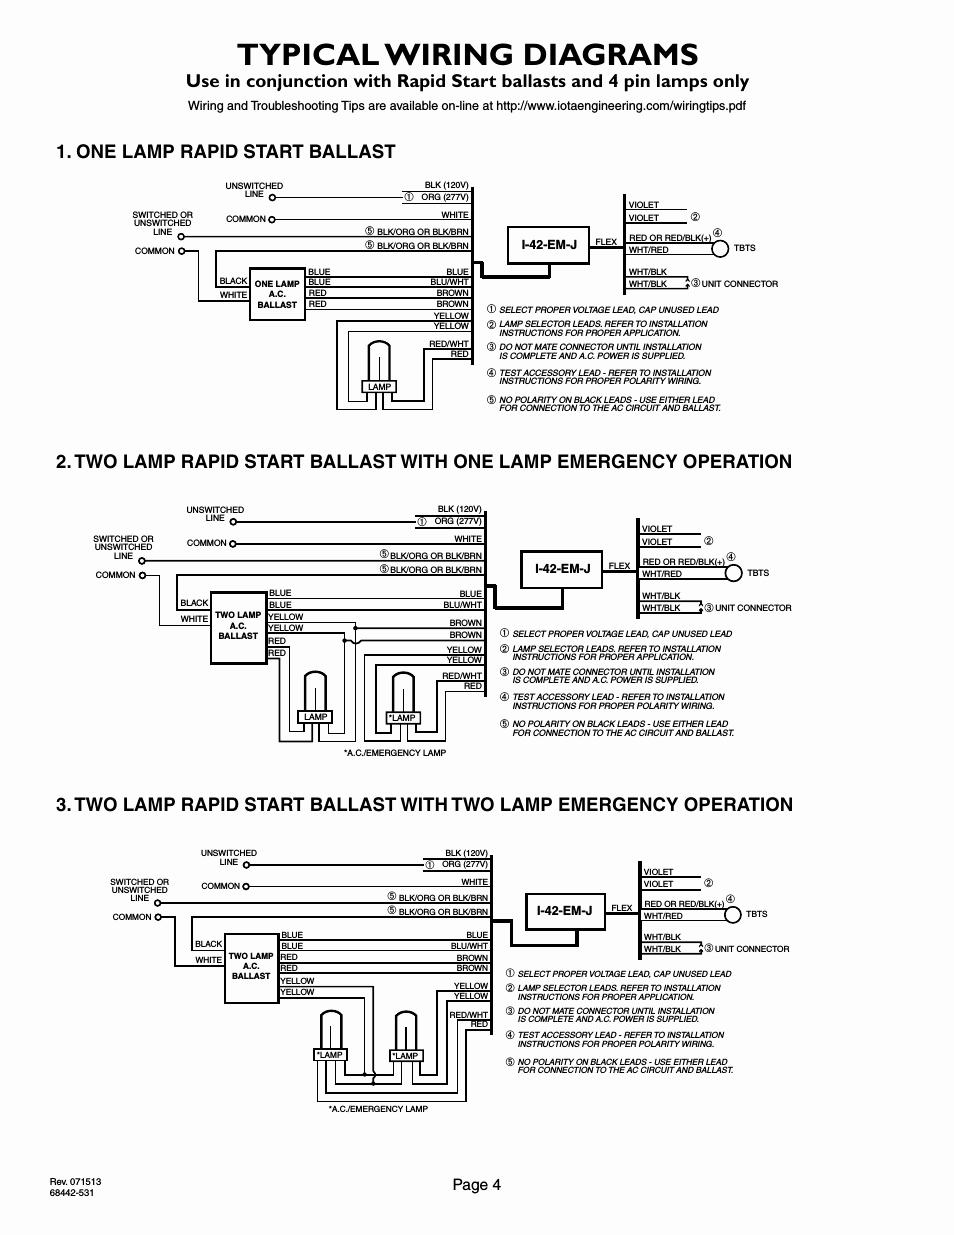 medium resolution of power sentry psq500 wiring diagram wiring schematic diagram 53 ballast wiring diagrams besides power sentry emergency ballast wiring